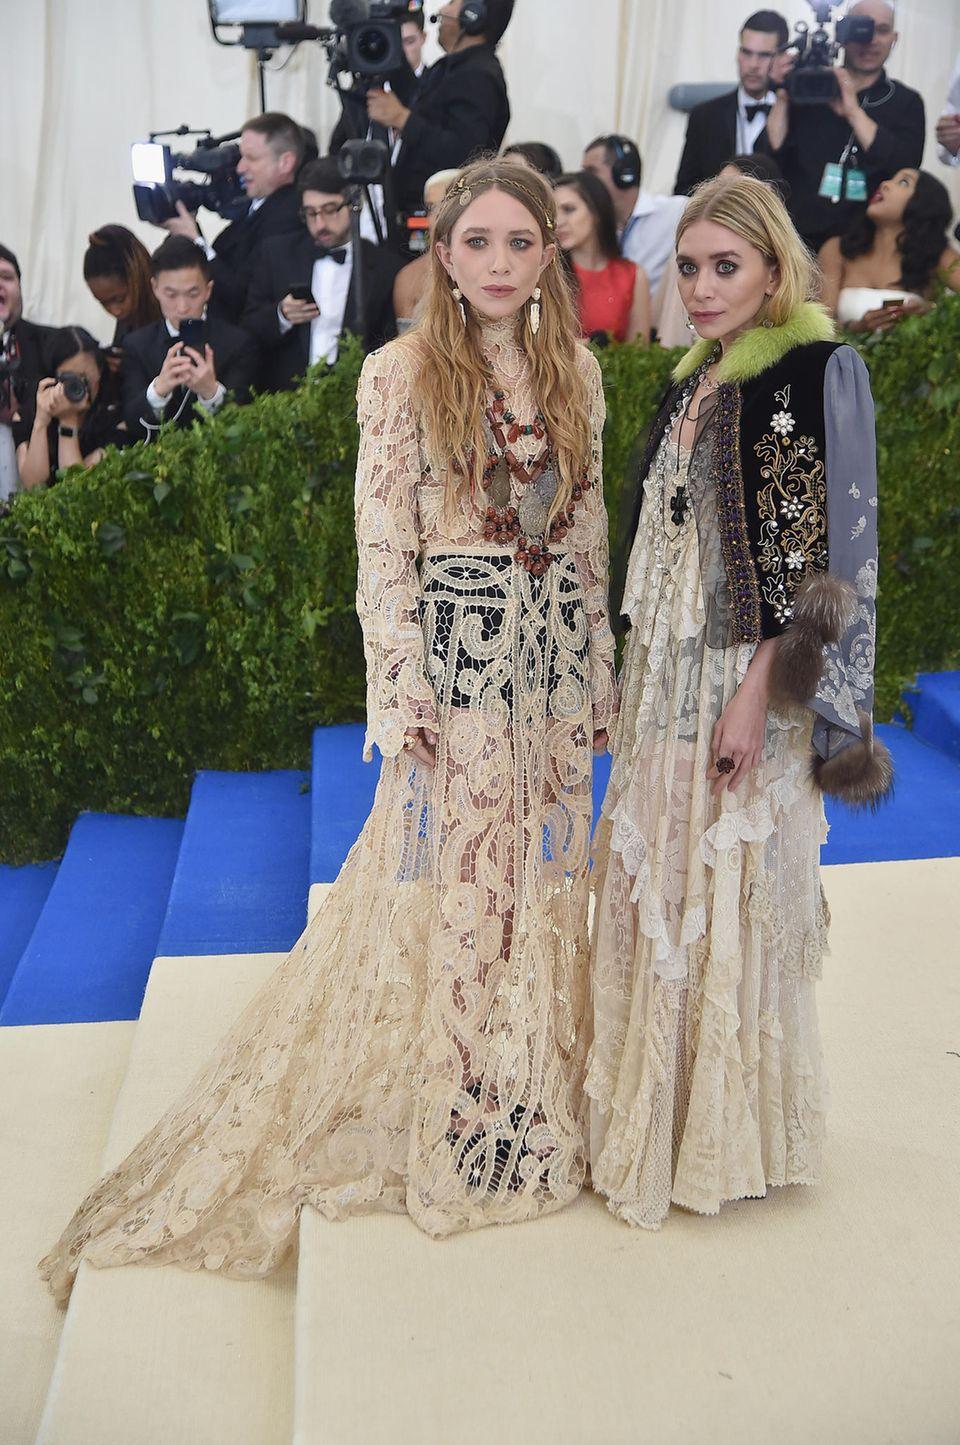 Sehr eigen im Hippie-Look zeigen sich wie üblich die Olsen-Zwillinge.